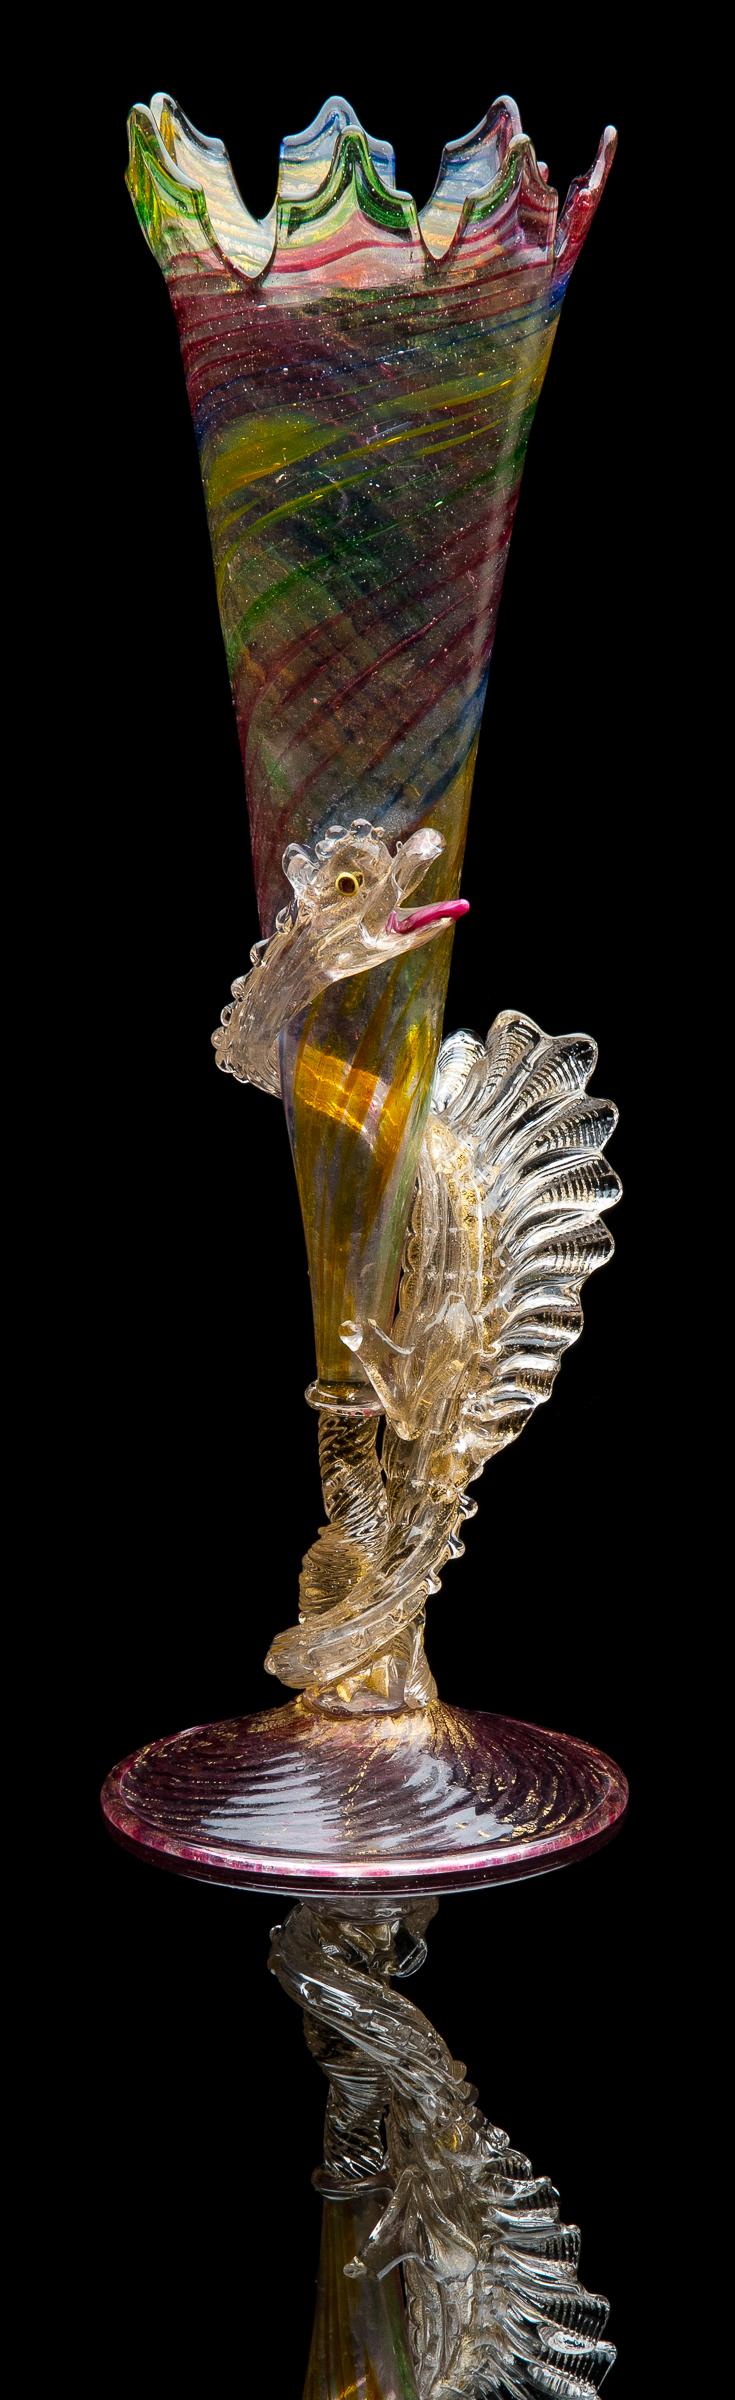 Artisti Barovier for Salviati,  Multicolored Flute with Polveri Dragon Stem  (circa 1896, glass, 15 inches), VV.831